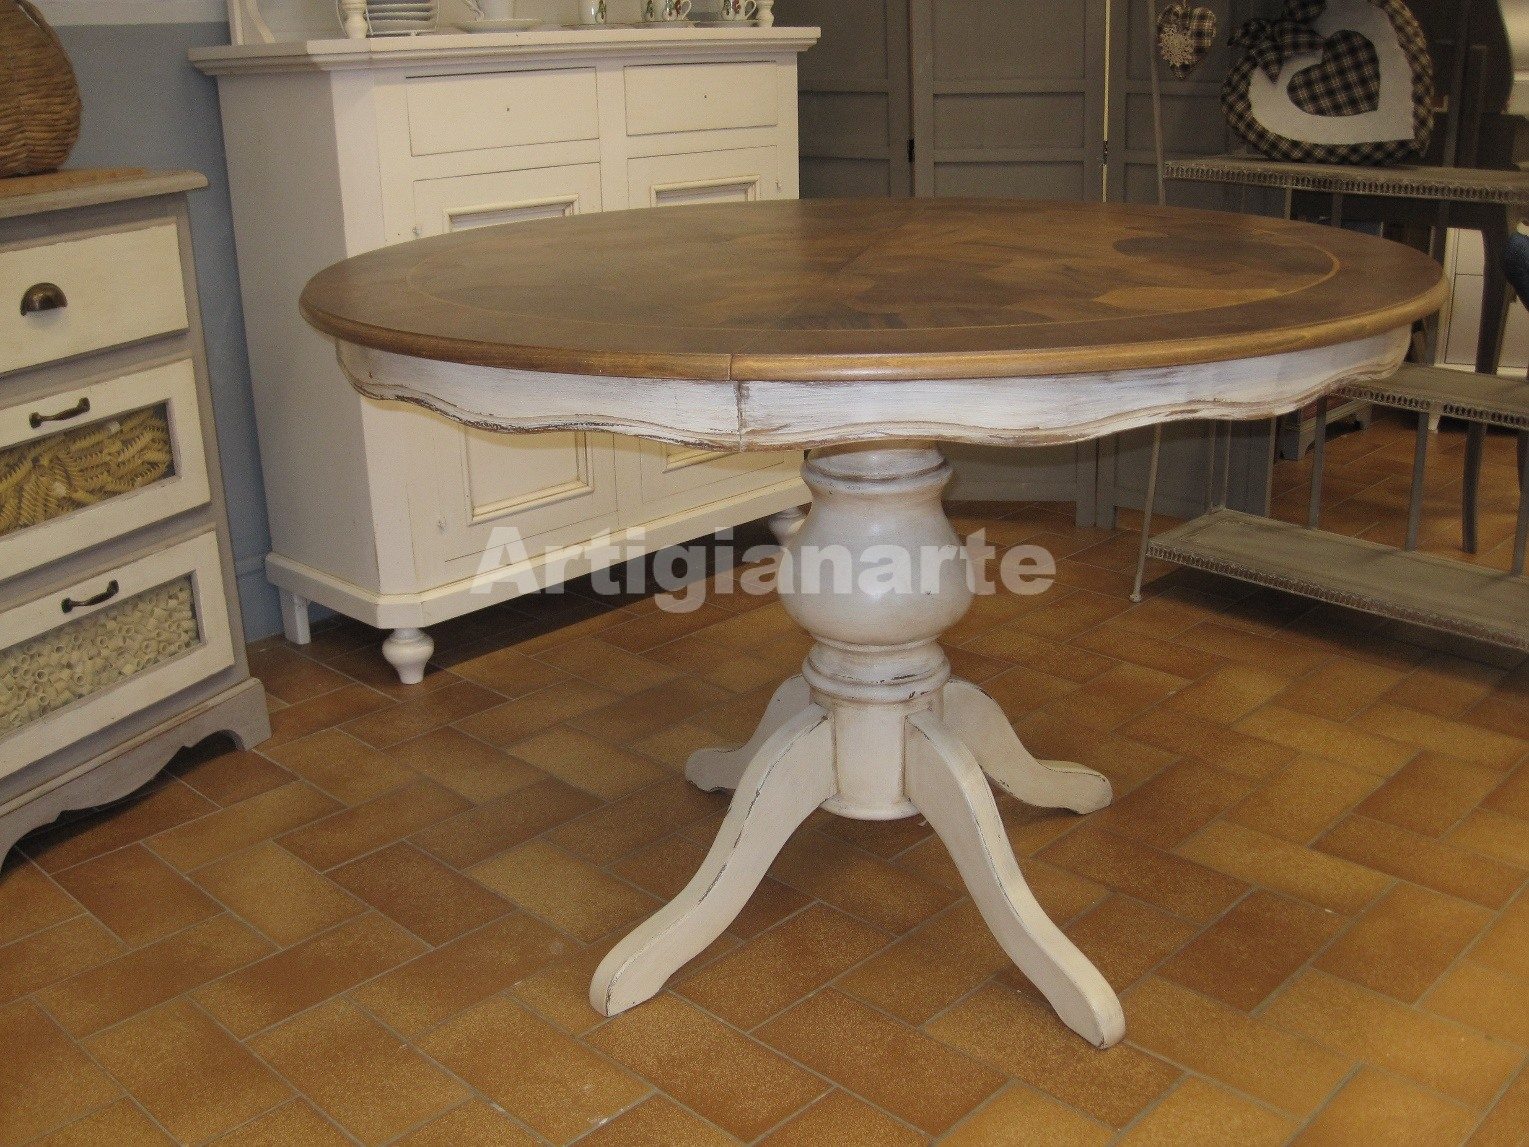 Legno Grezzo Per Tavoli come acquistare un tavolo in legno grezzo per la tua cucina